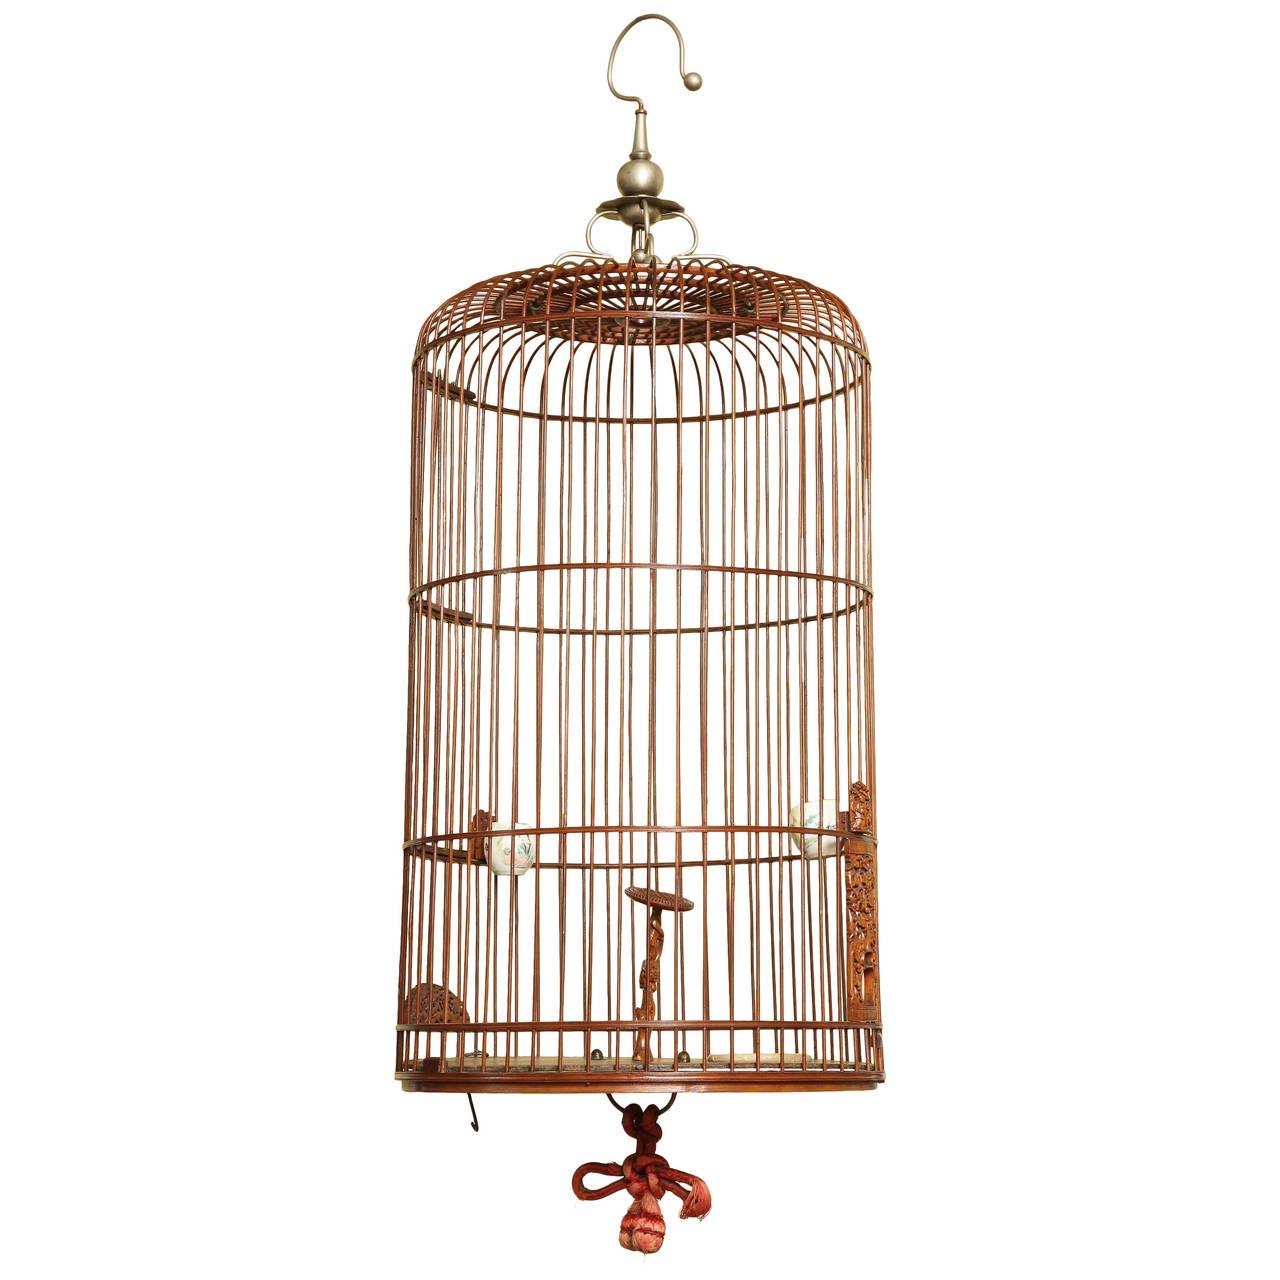 Bamboo Bird Cage Manufacturers